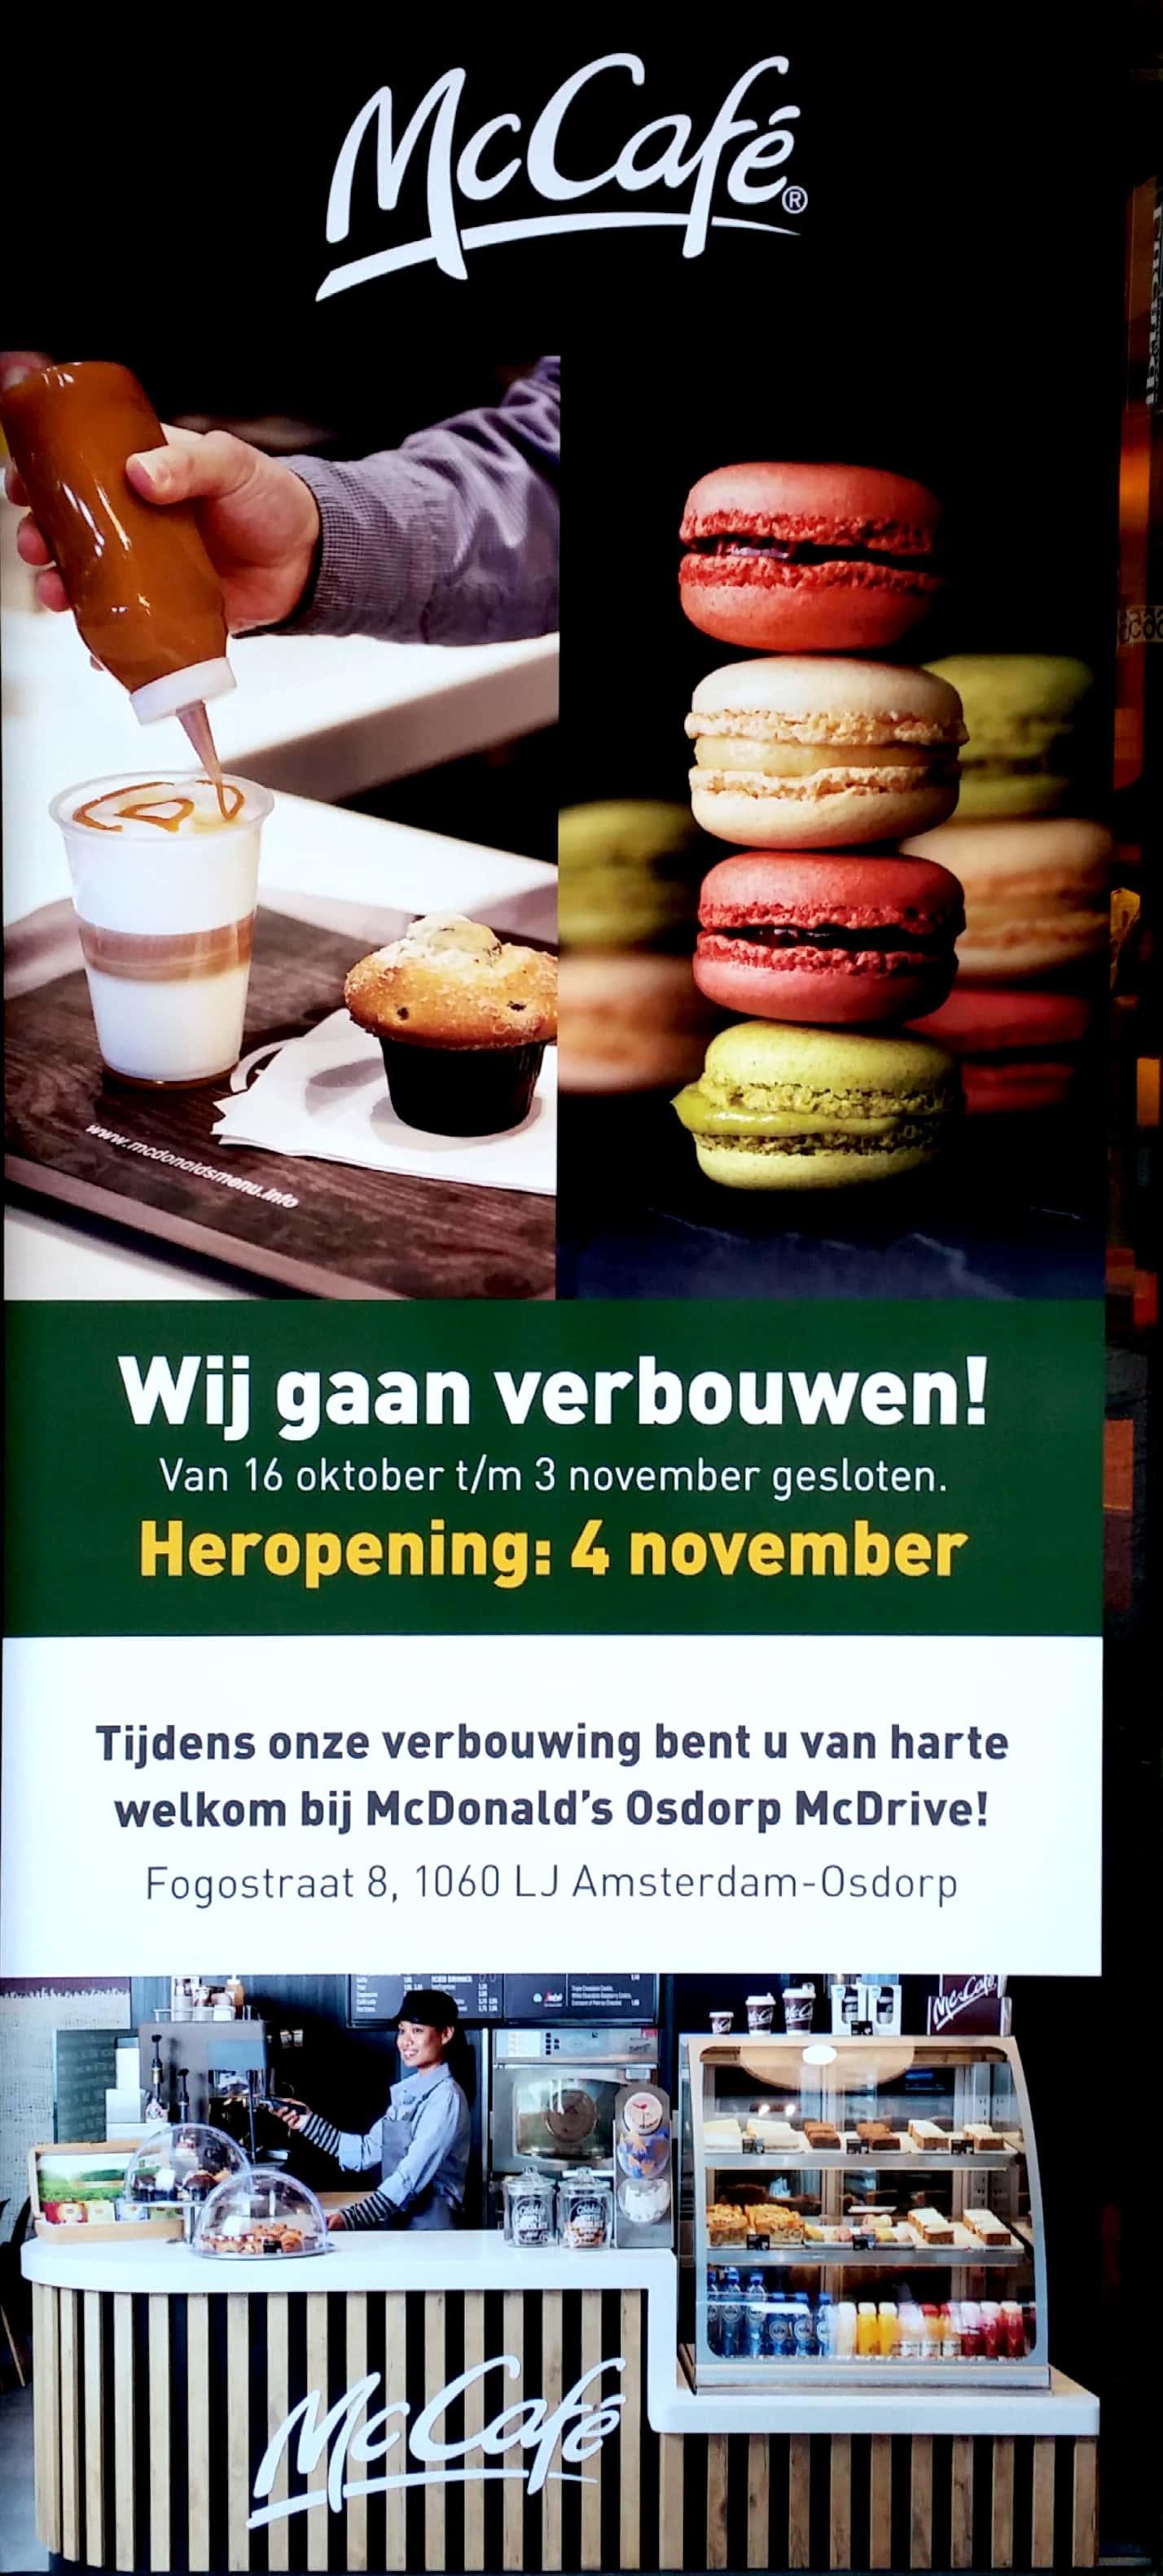 McDonalds in Osdorp gaat verbouwen